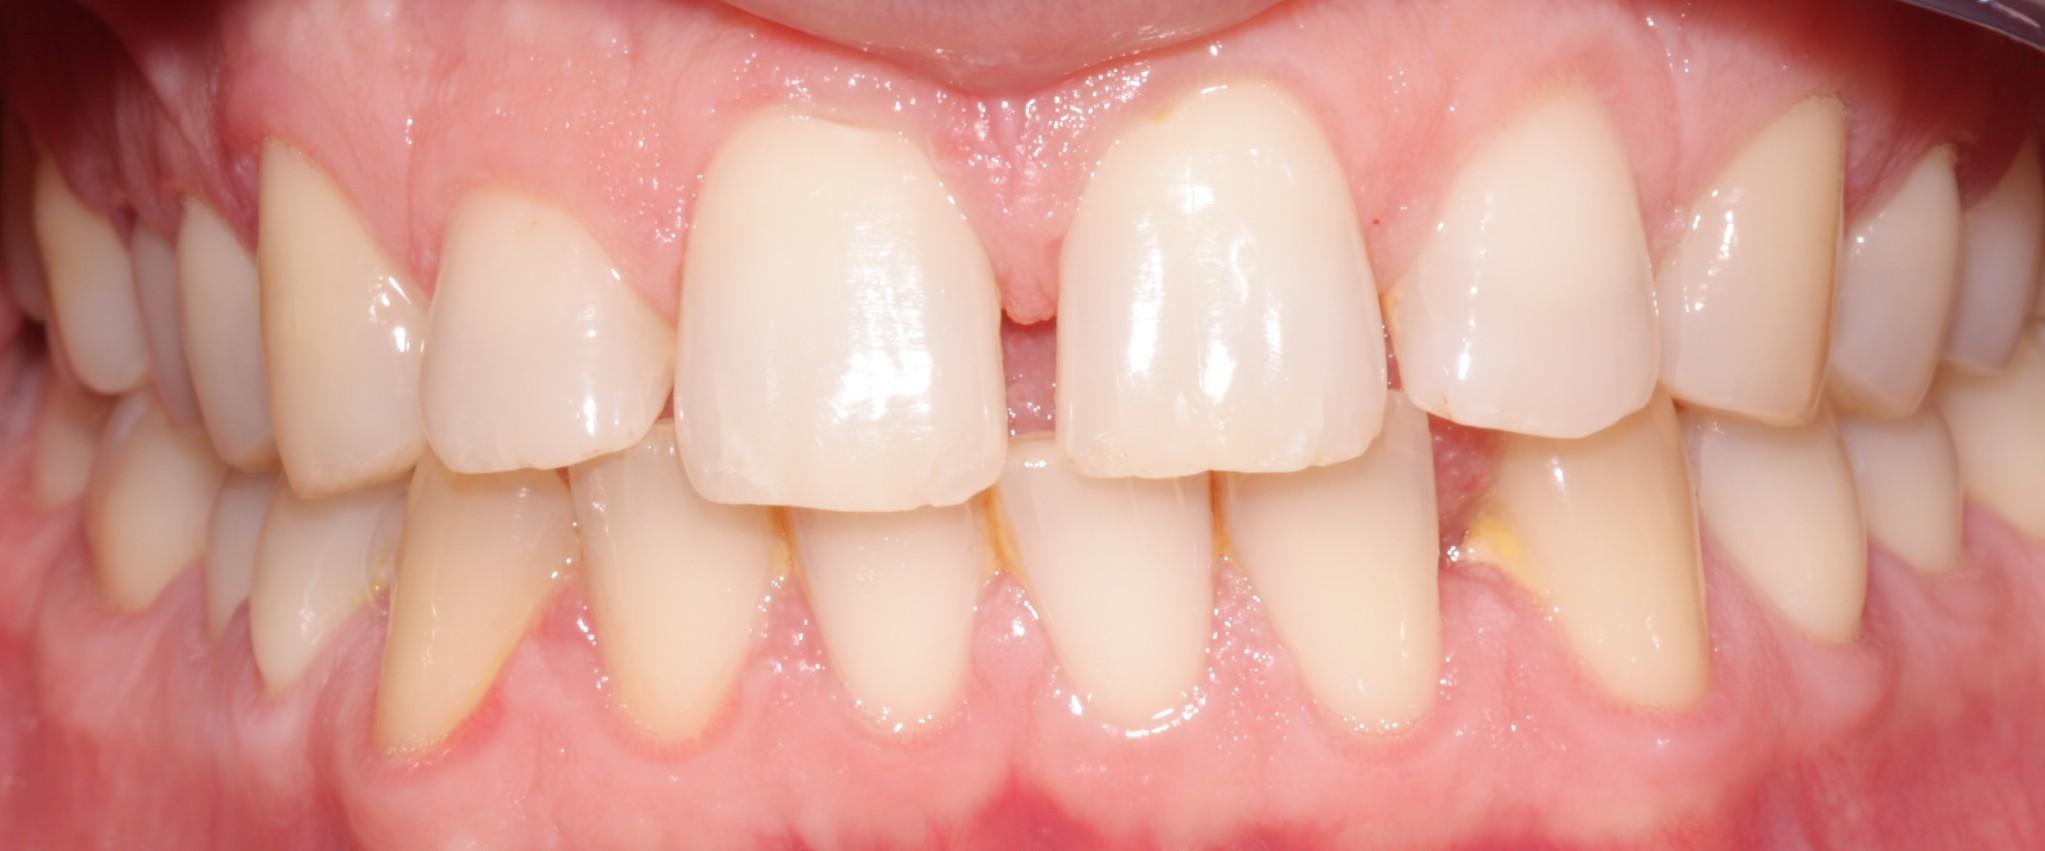 G1 Before Beechwood Dental_best dentist dublin